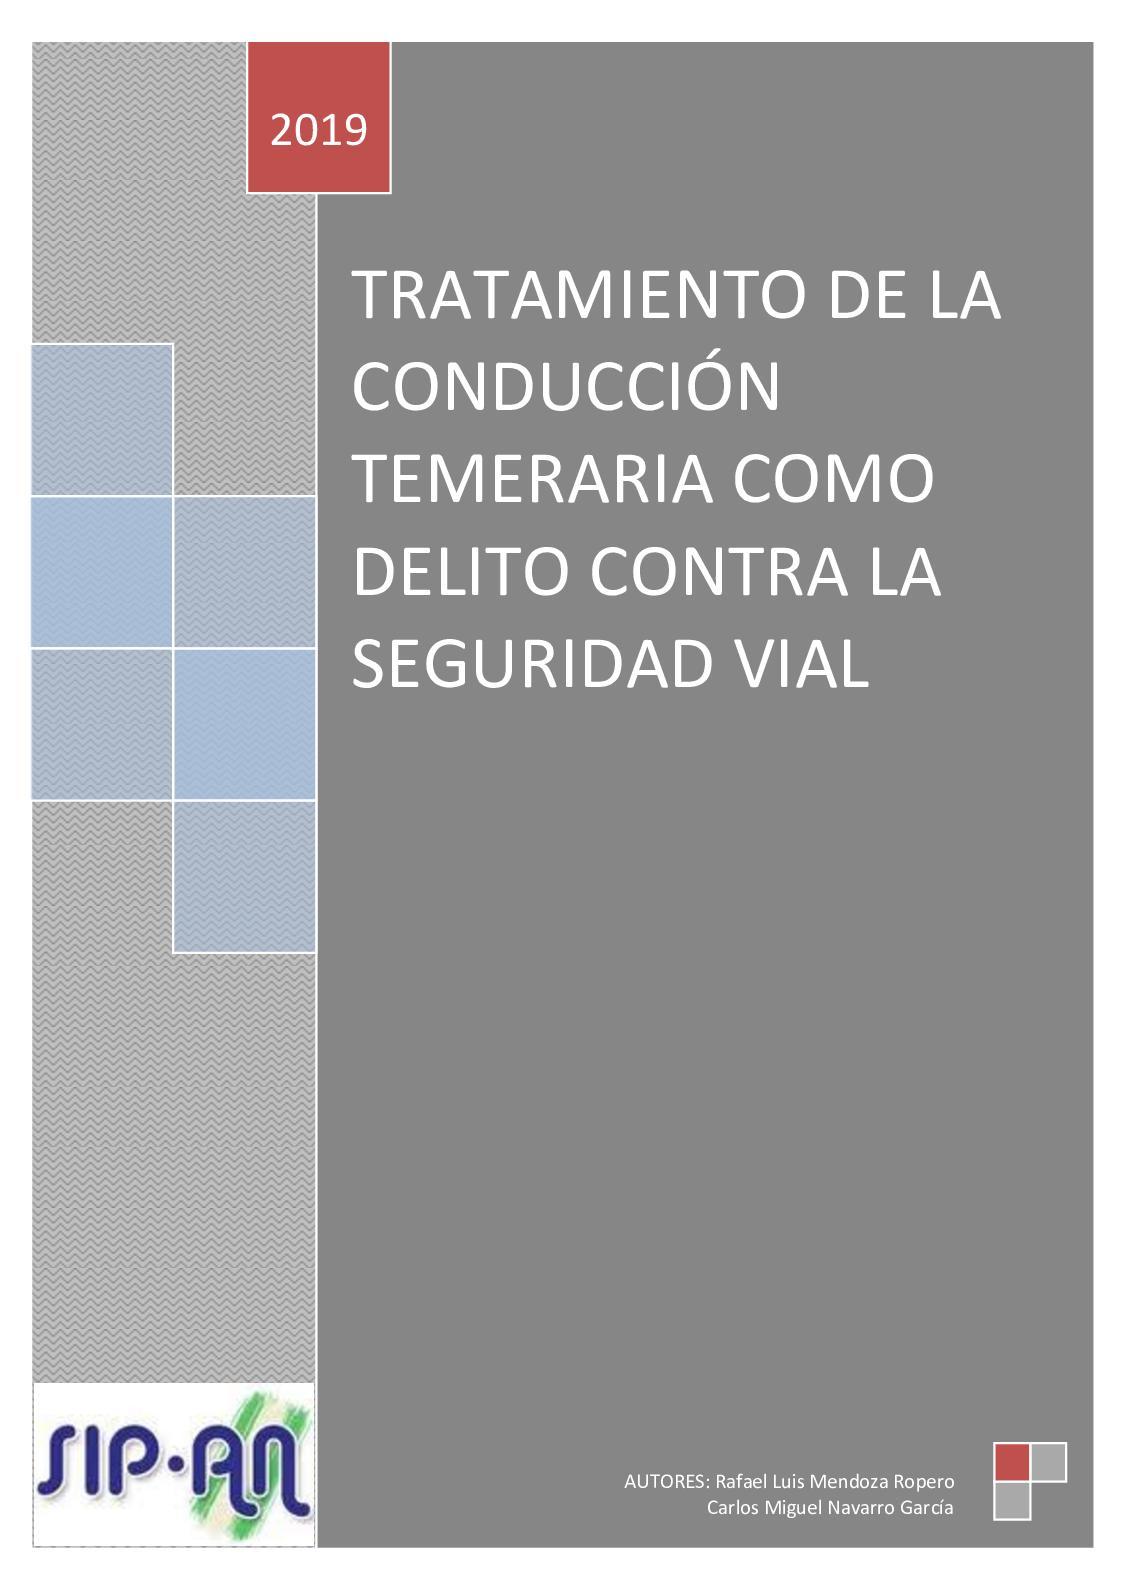 370 Tratamiento De La Conduccion Temeraria Como Delito Contra La Seguridad Vial